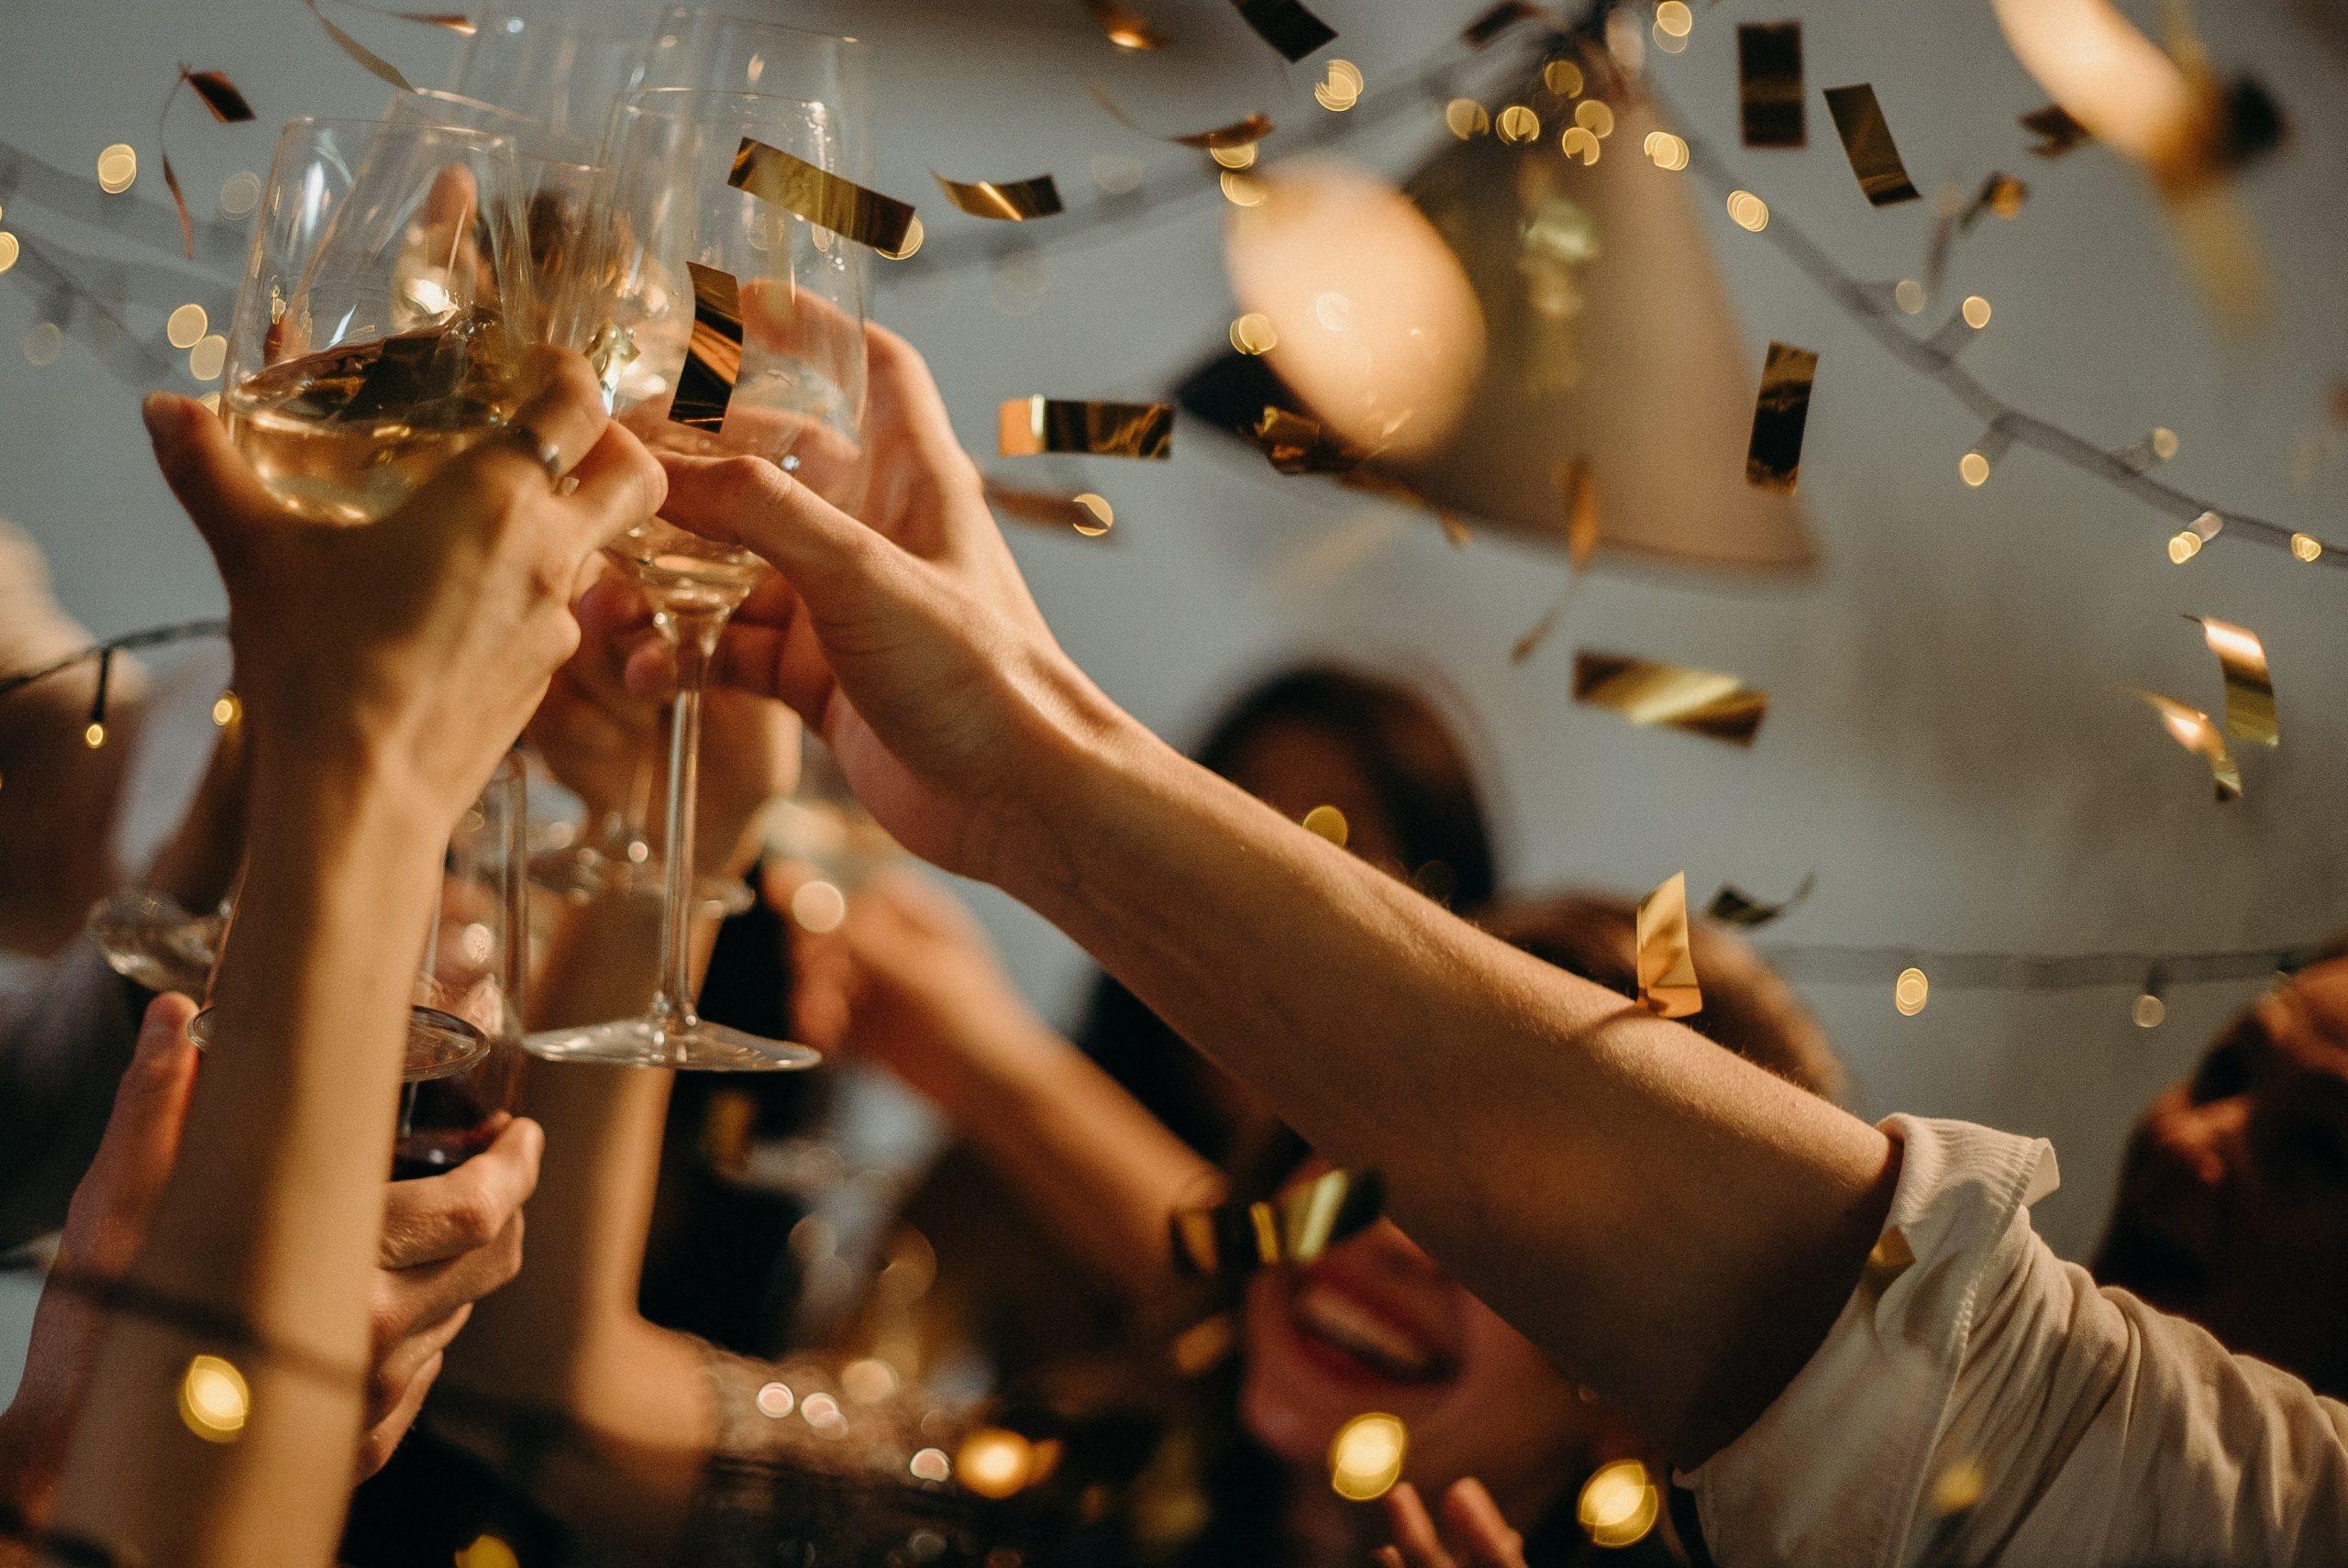 People toasting wine